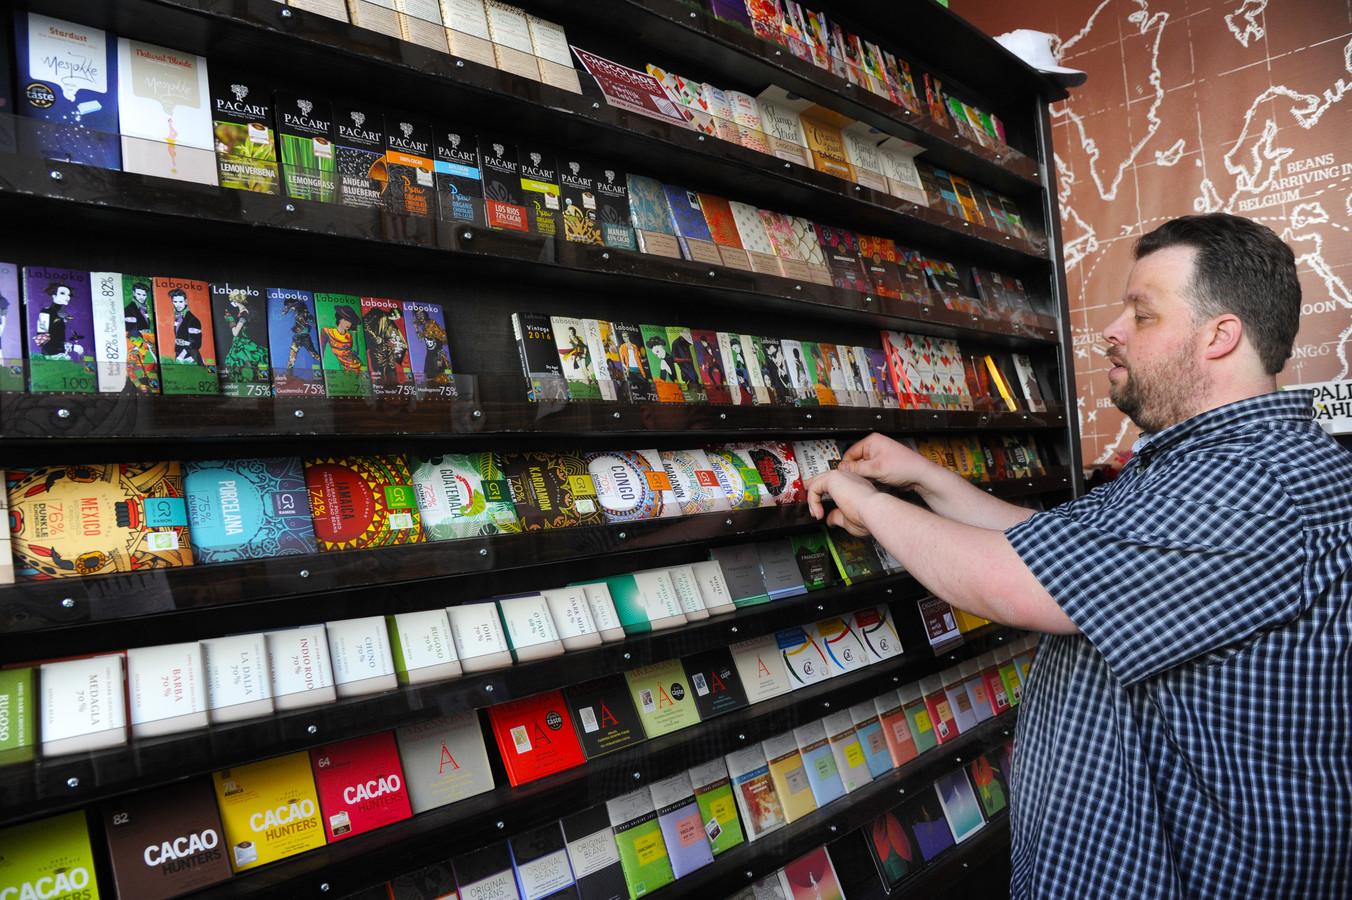 Sjakie's Chocolademuseum in Middelburg gaat ook de selectie bijzondere chocoladerepen uitbreiden, zegt Richard Jansen. ,,Van 435 nu naar ruim 500 aan het einde van het jaar.''